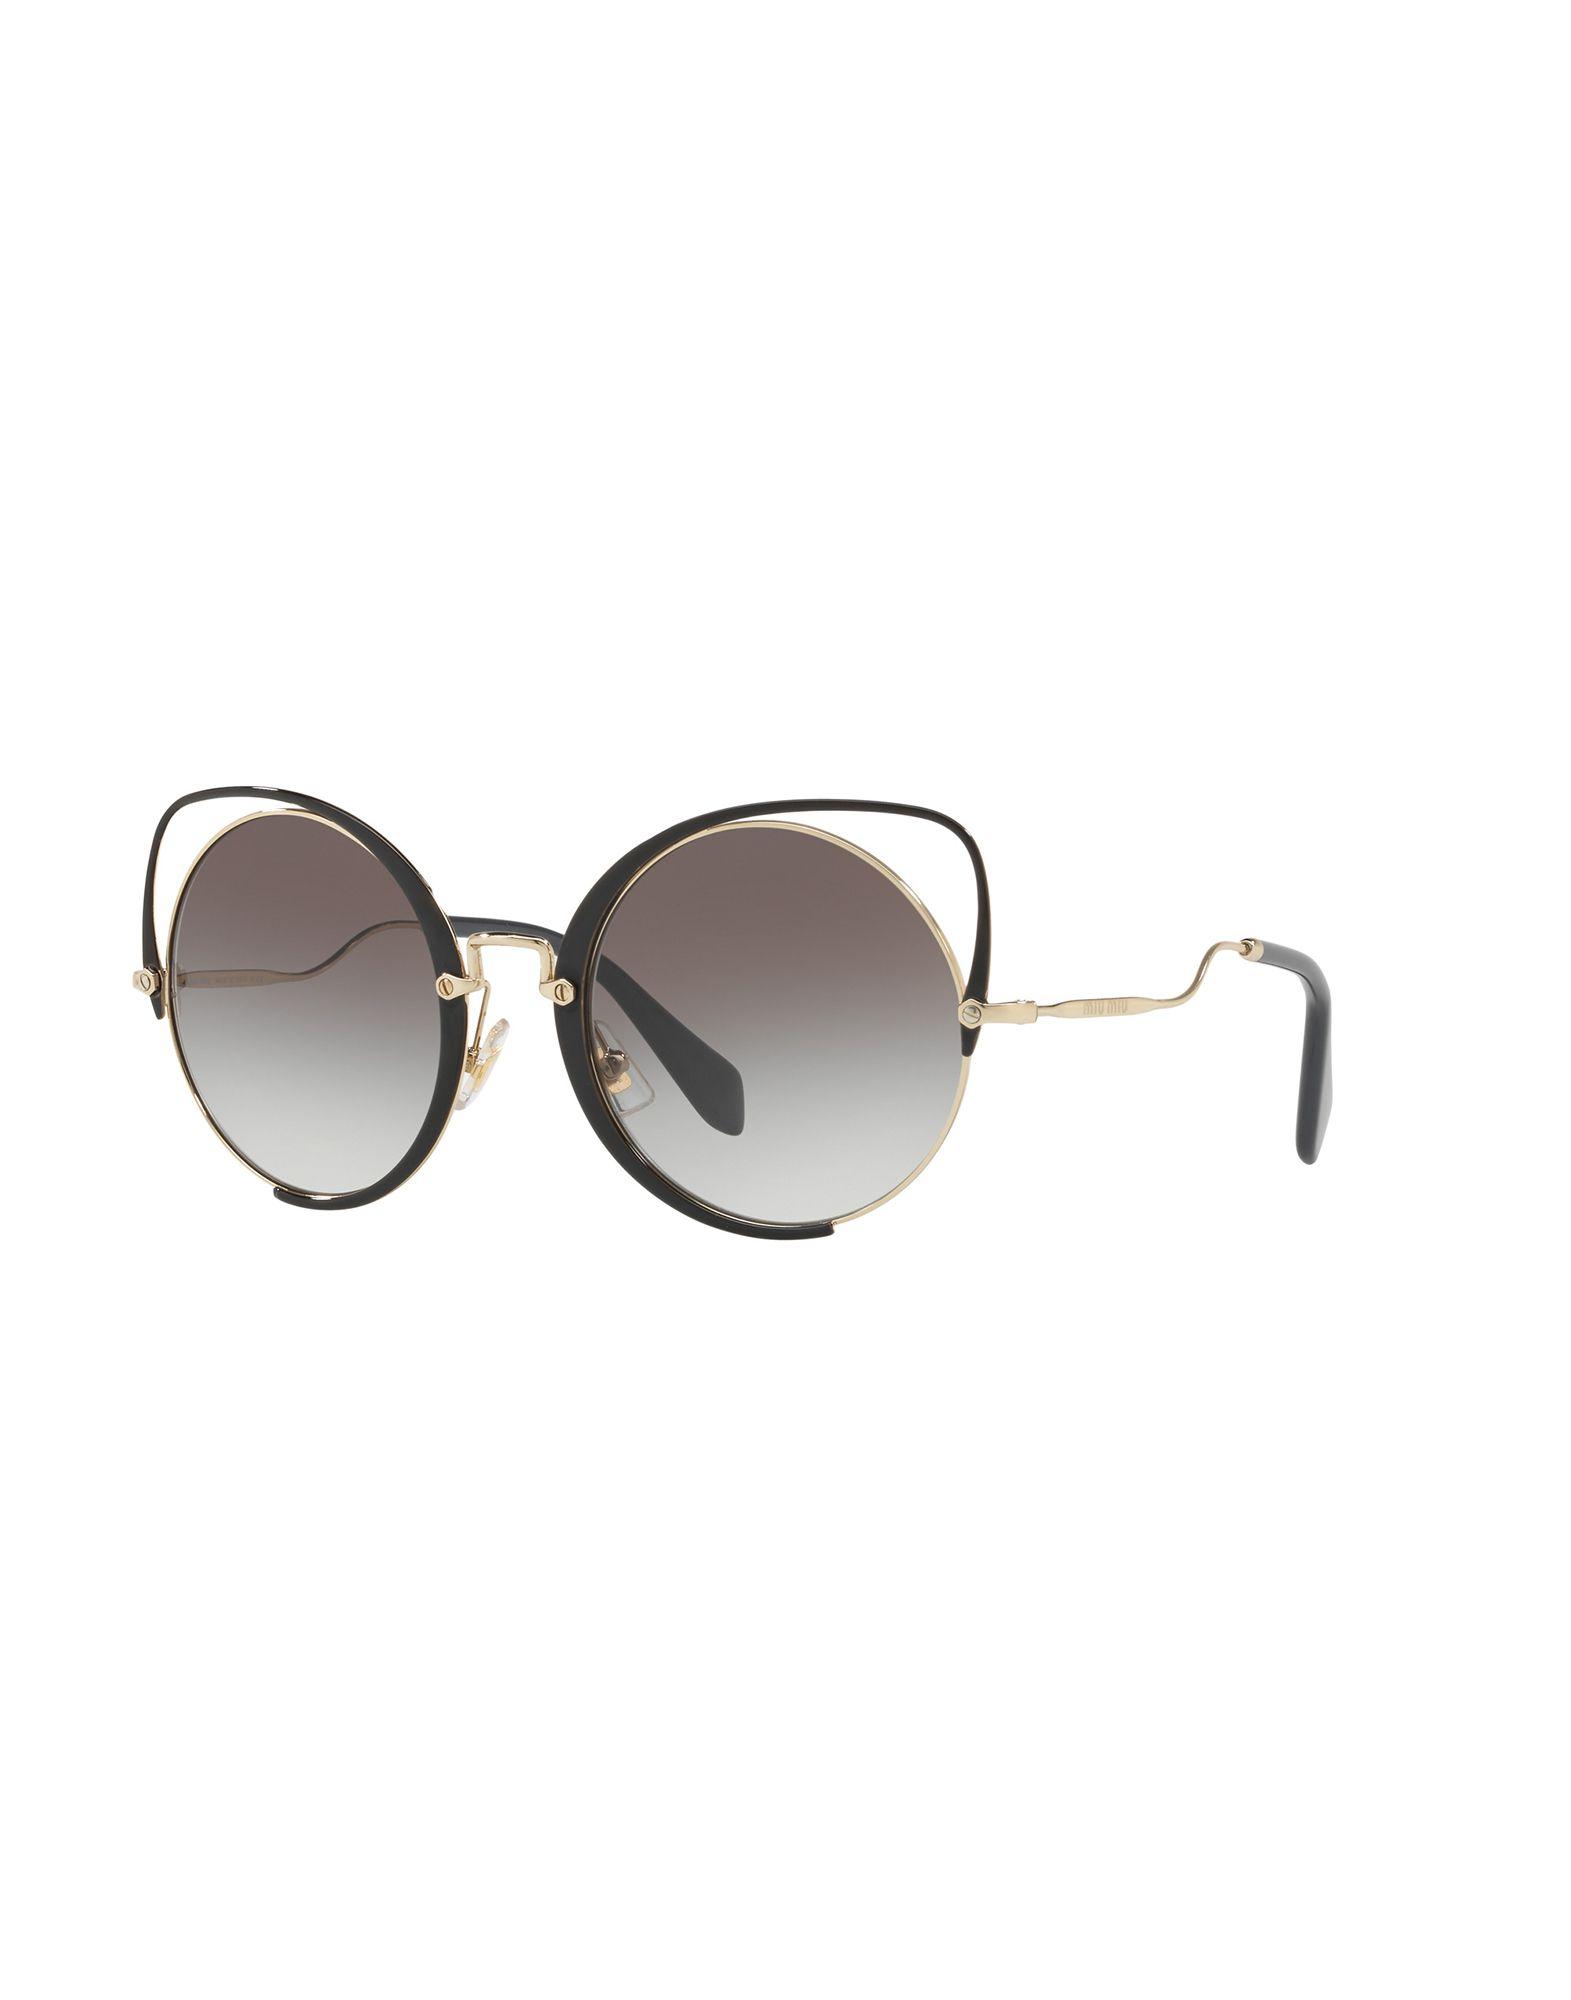 Occhiali Da Sole Miu Miu Mu 51Ts - Donna - Acquista online su